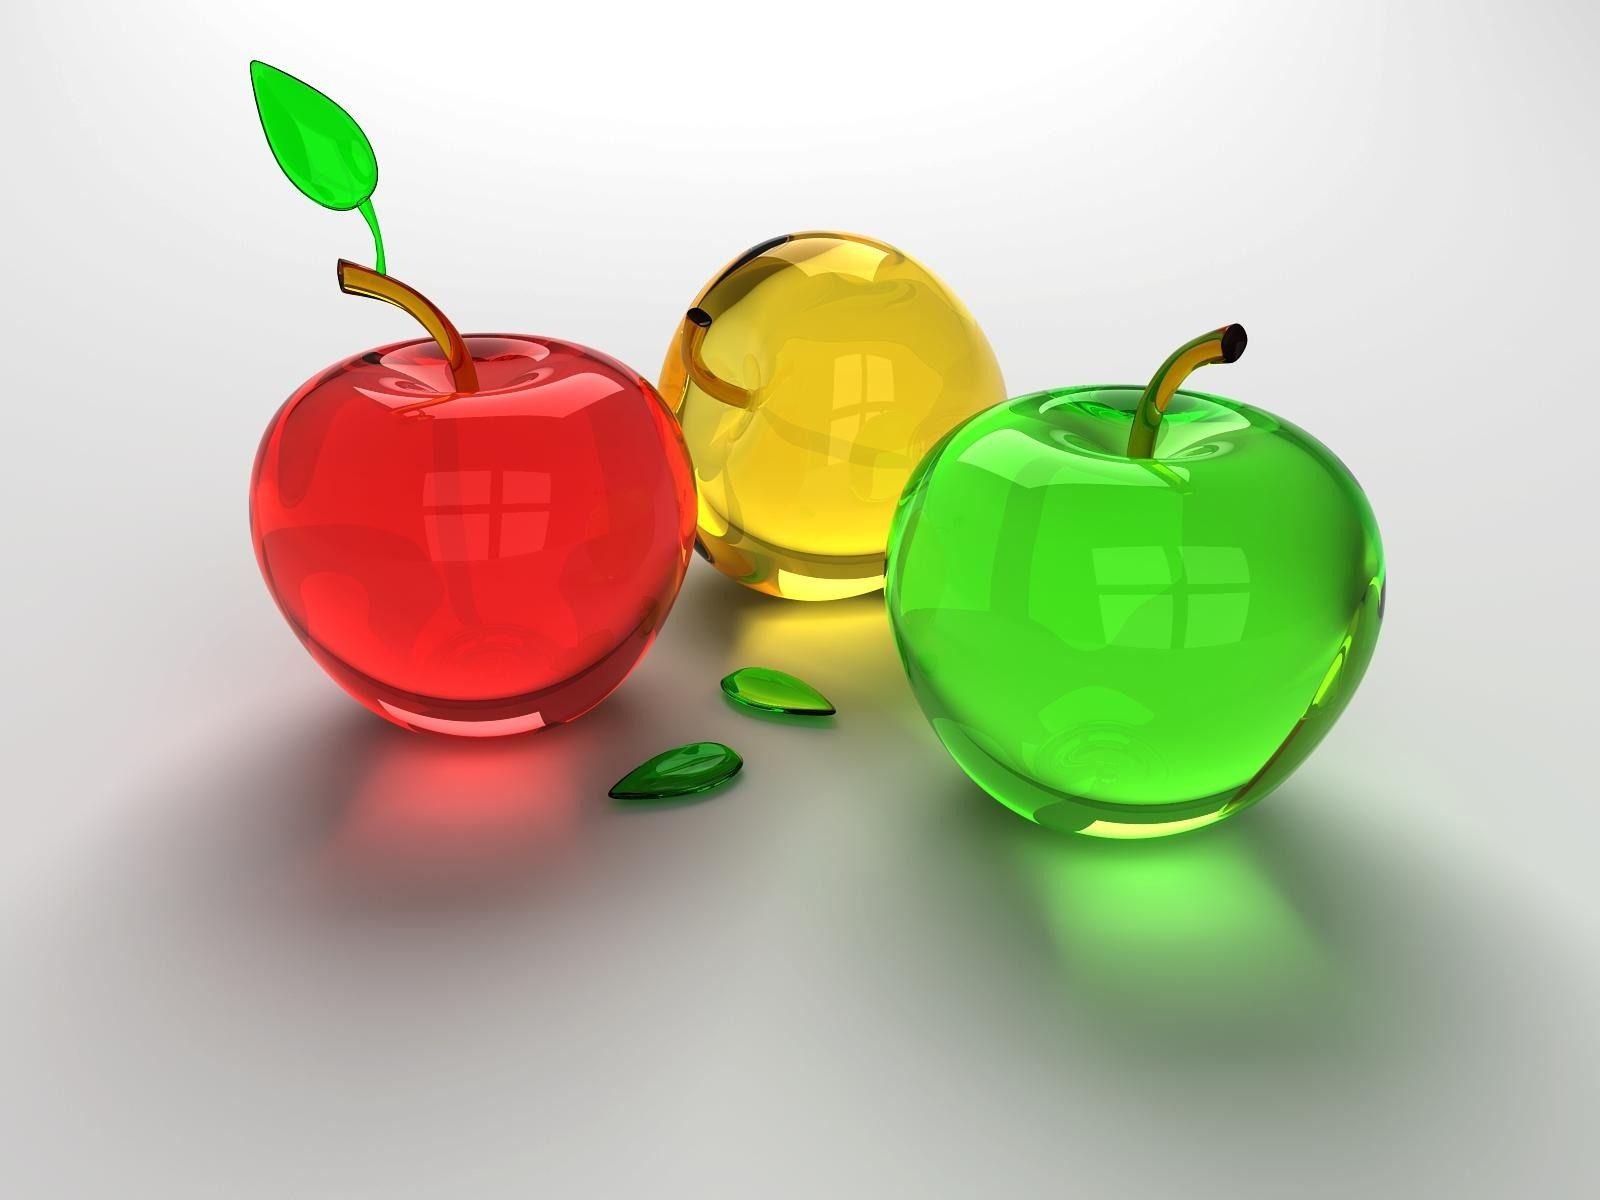 3d Fruits Glossy Desktop Wallpaper